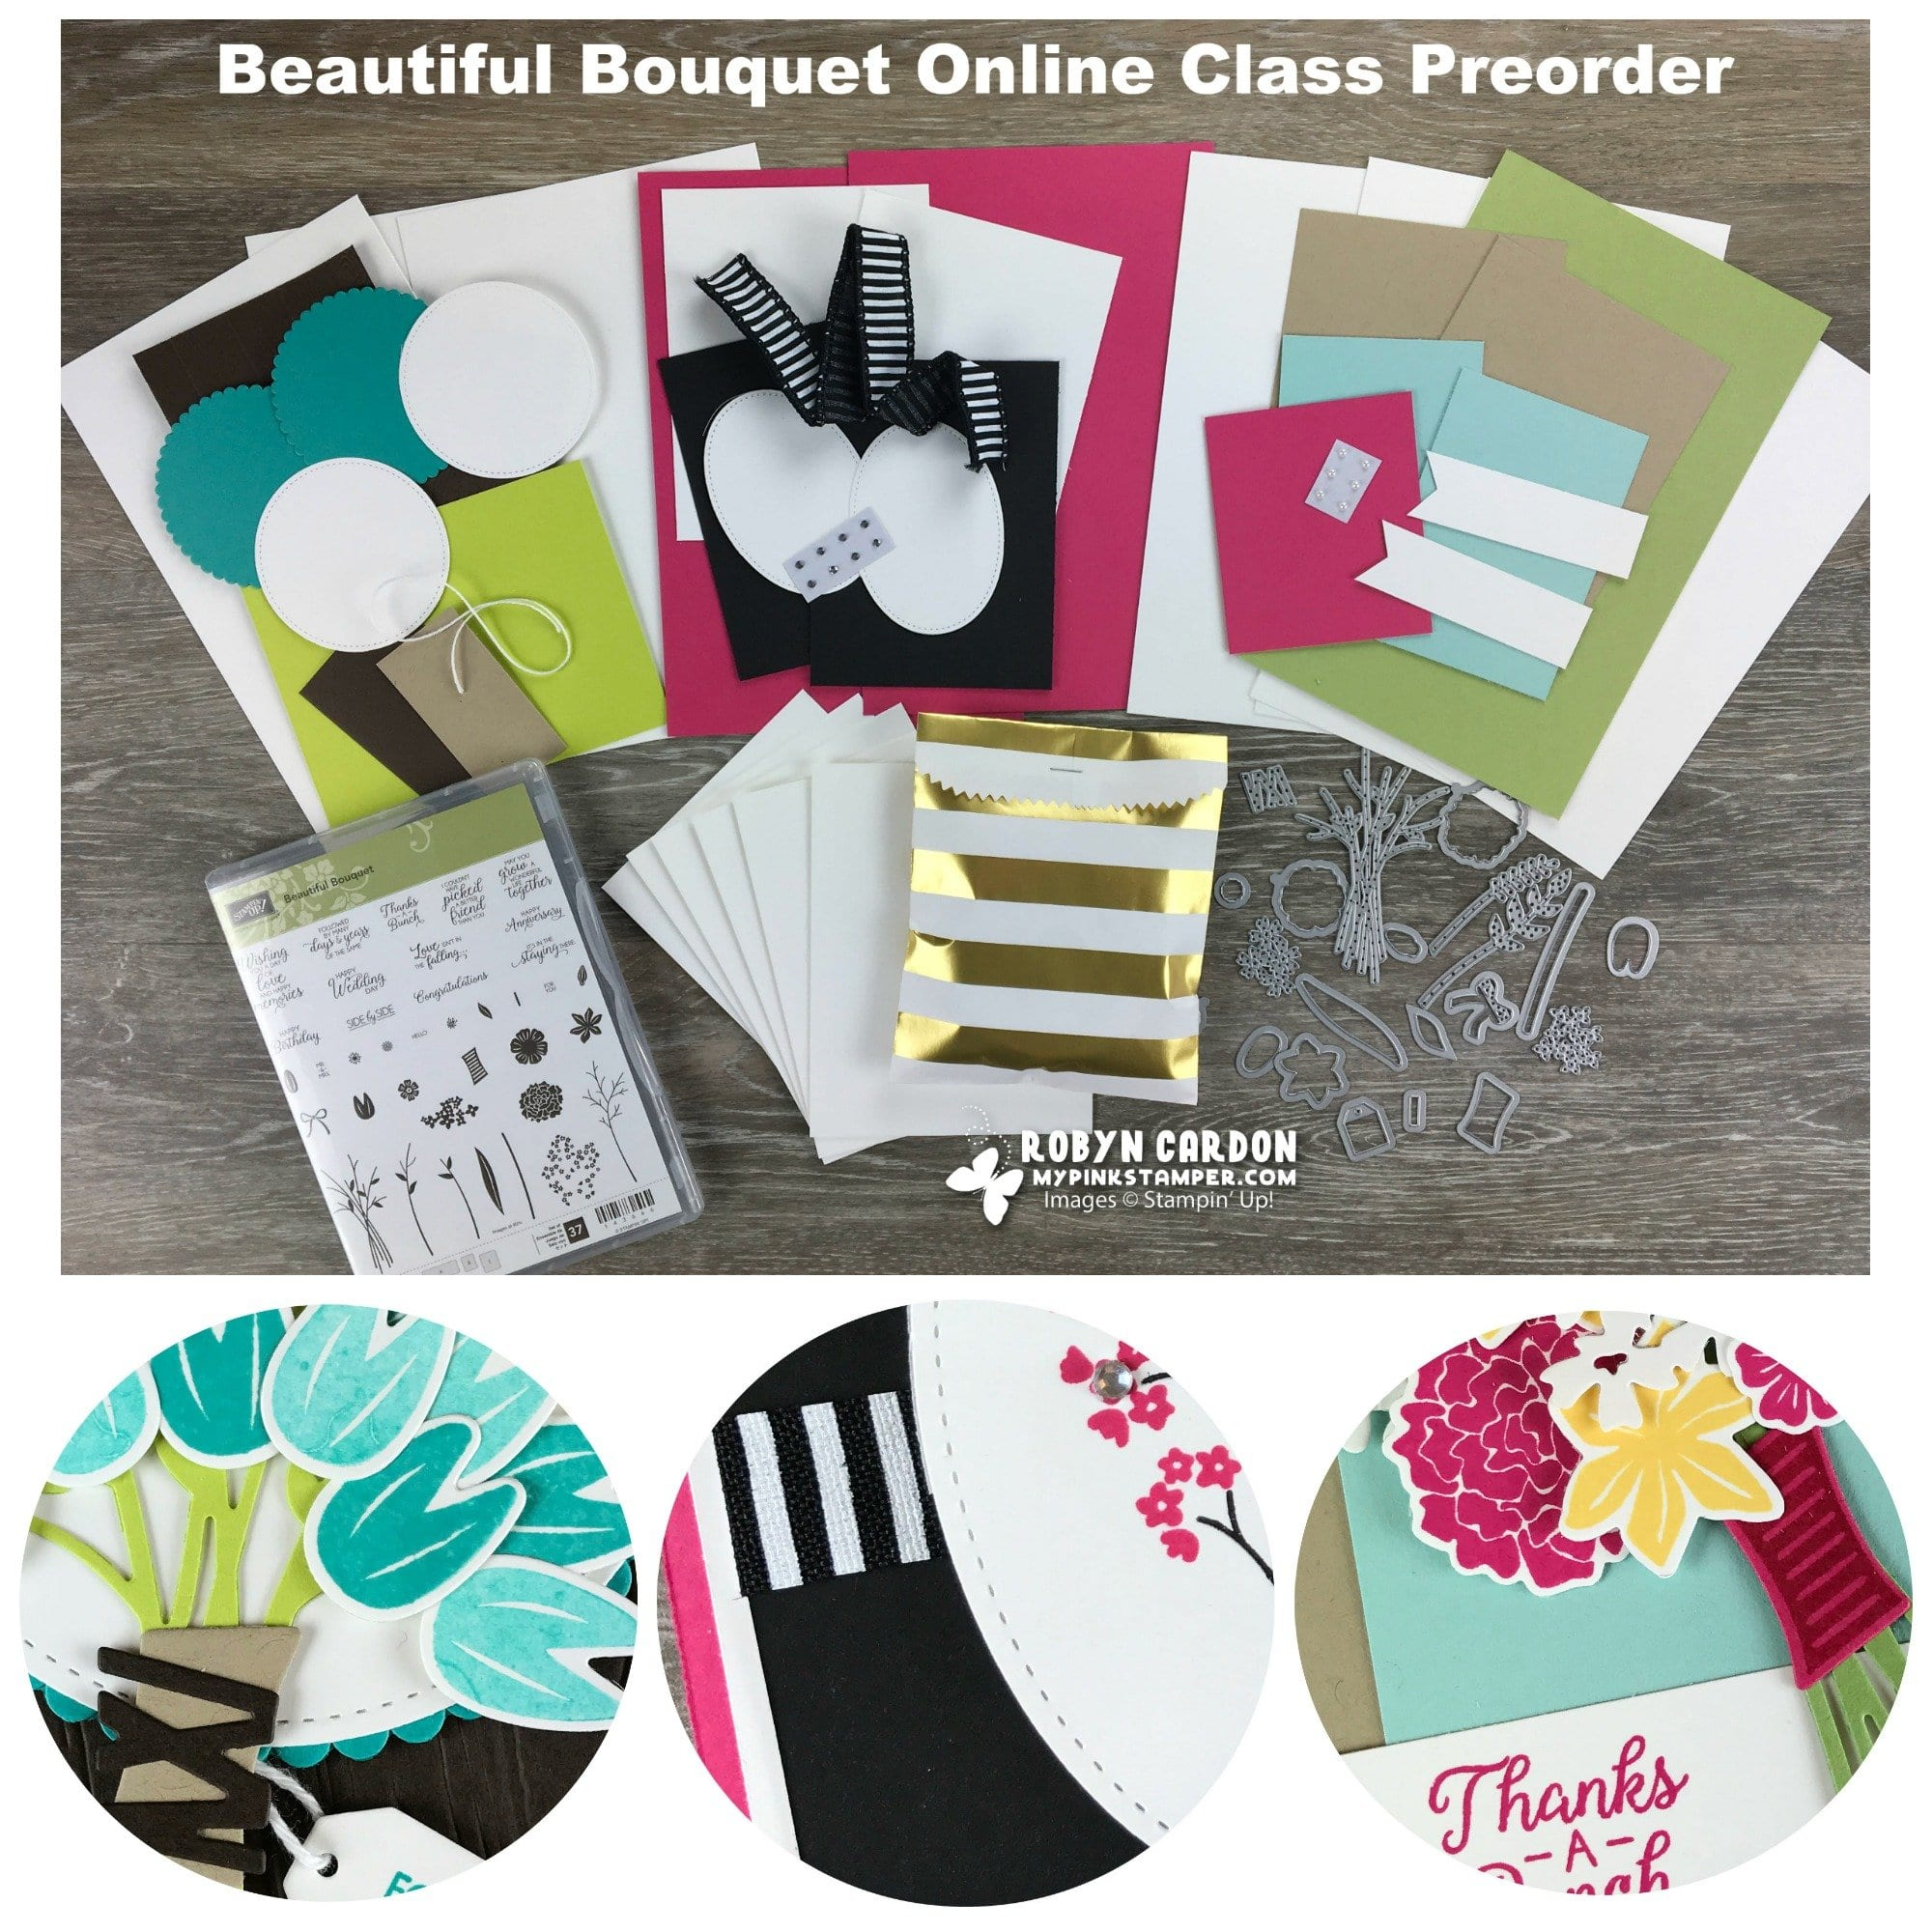 Beautiful Bouquet Online Class Preorder